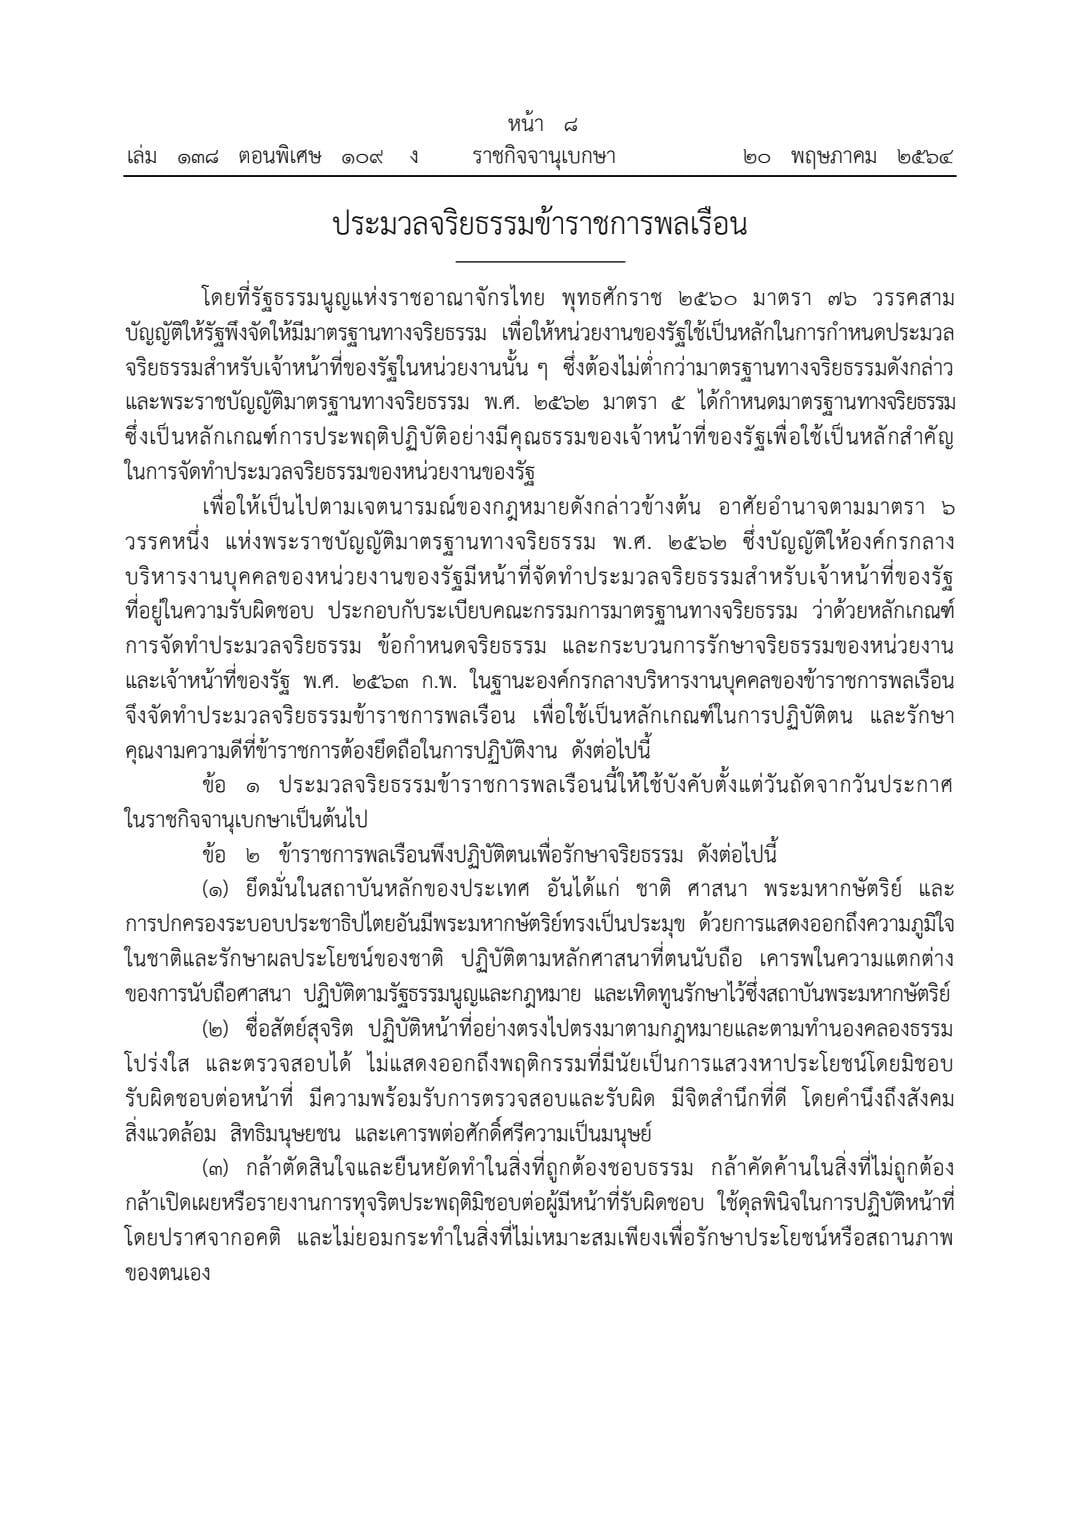 ราชกิจจาฯ ประกาศประมวลจริยธรรมข้าราชการ 7 ข้อ ต้องกล้าค้านสิ่งที่ผิด